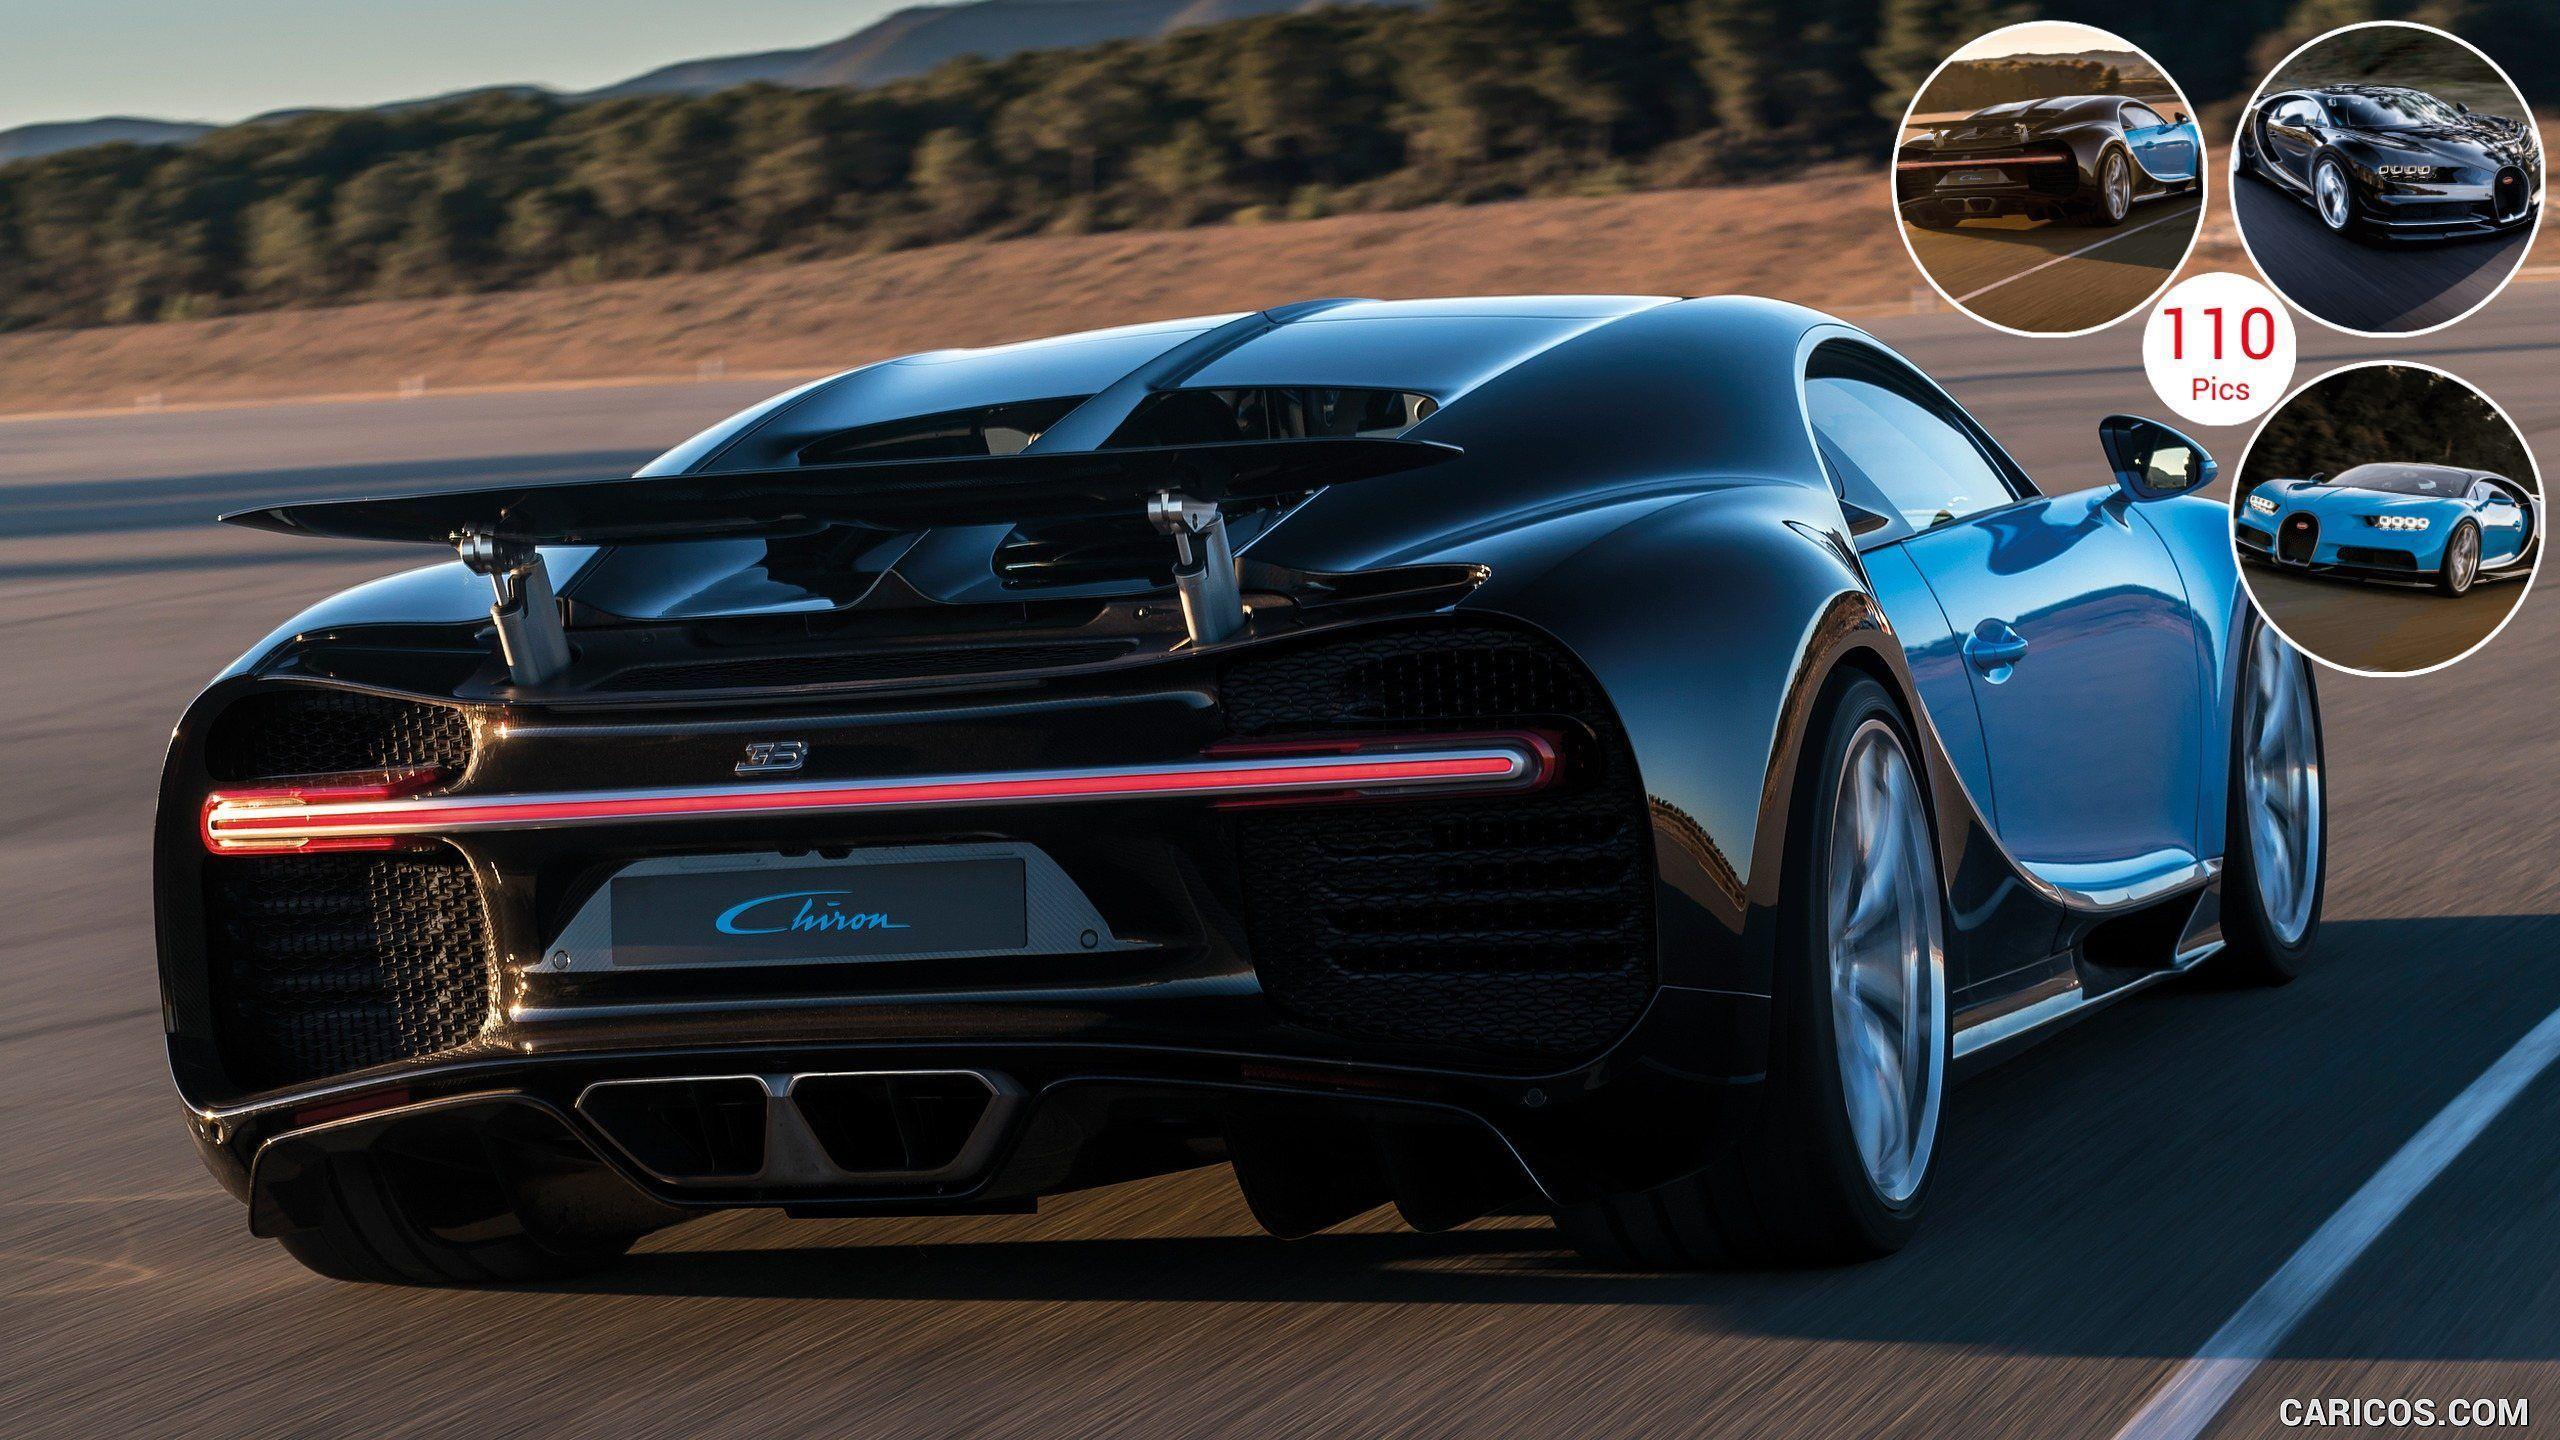 Bugatti Chiron Sport Iphone Wallpaper: Bugatti Chiron 2017 Wallpapers